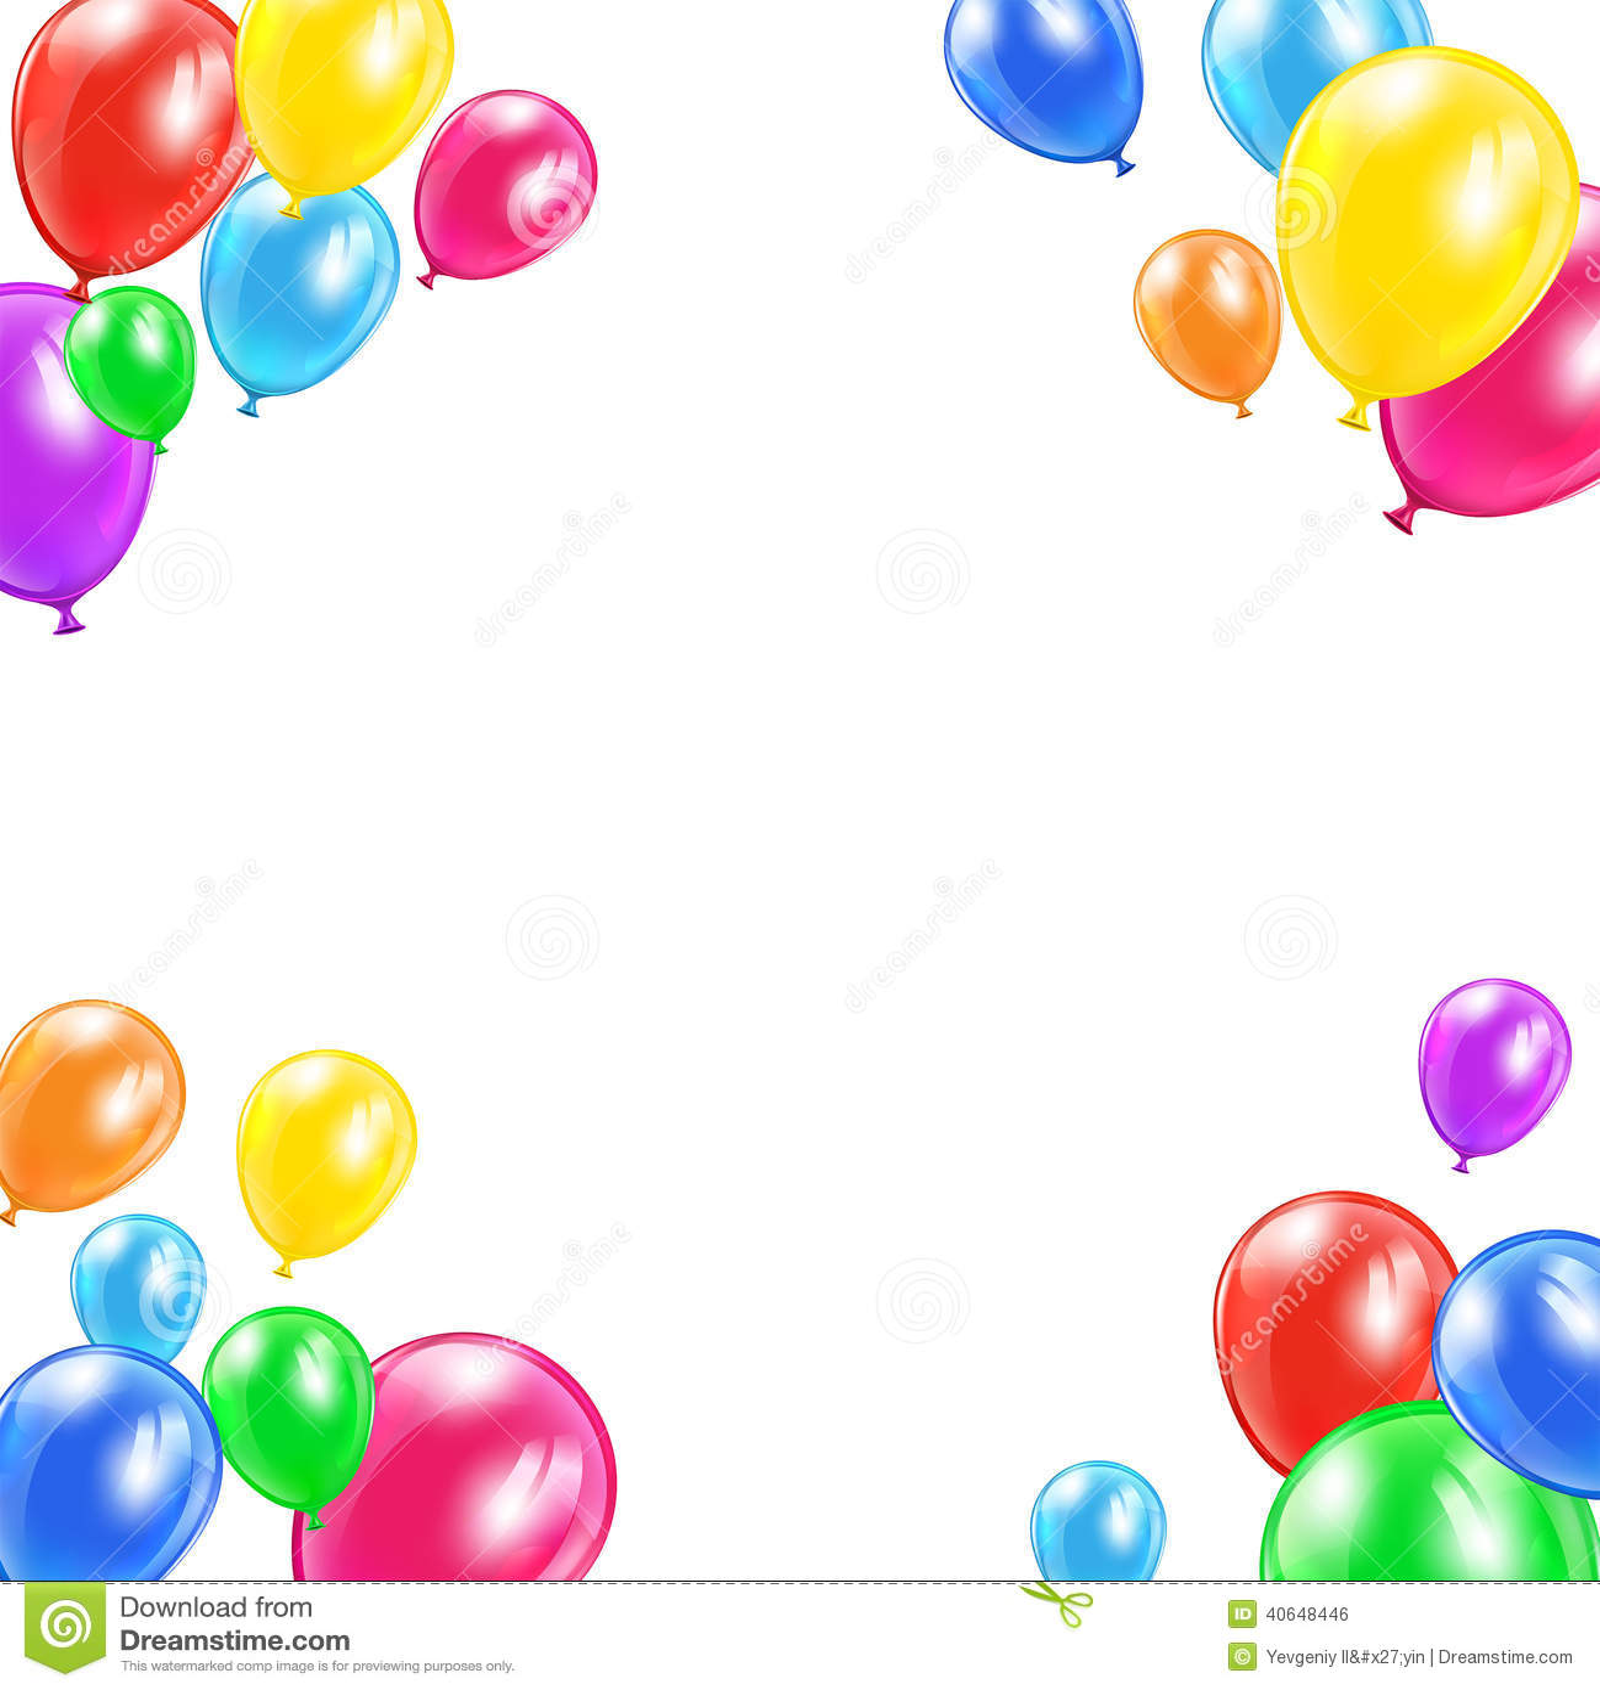 globos decorativos ilustraci n del vector ilustraci n de